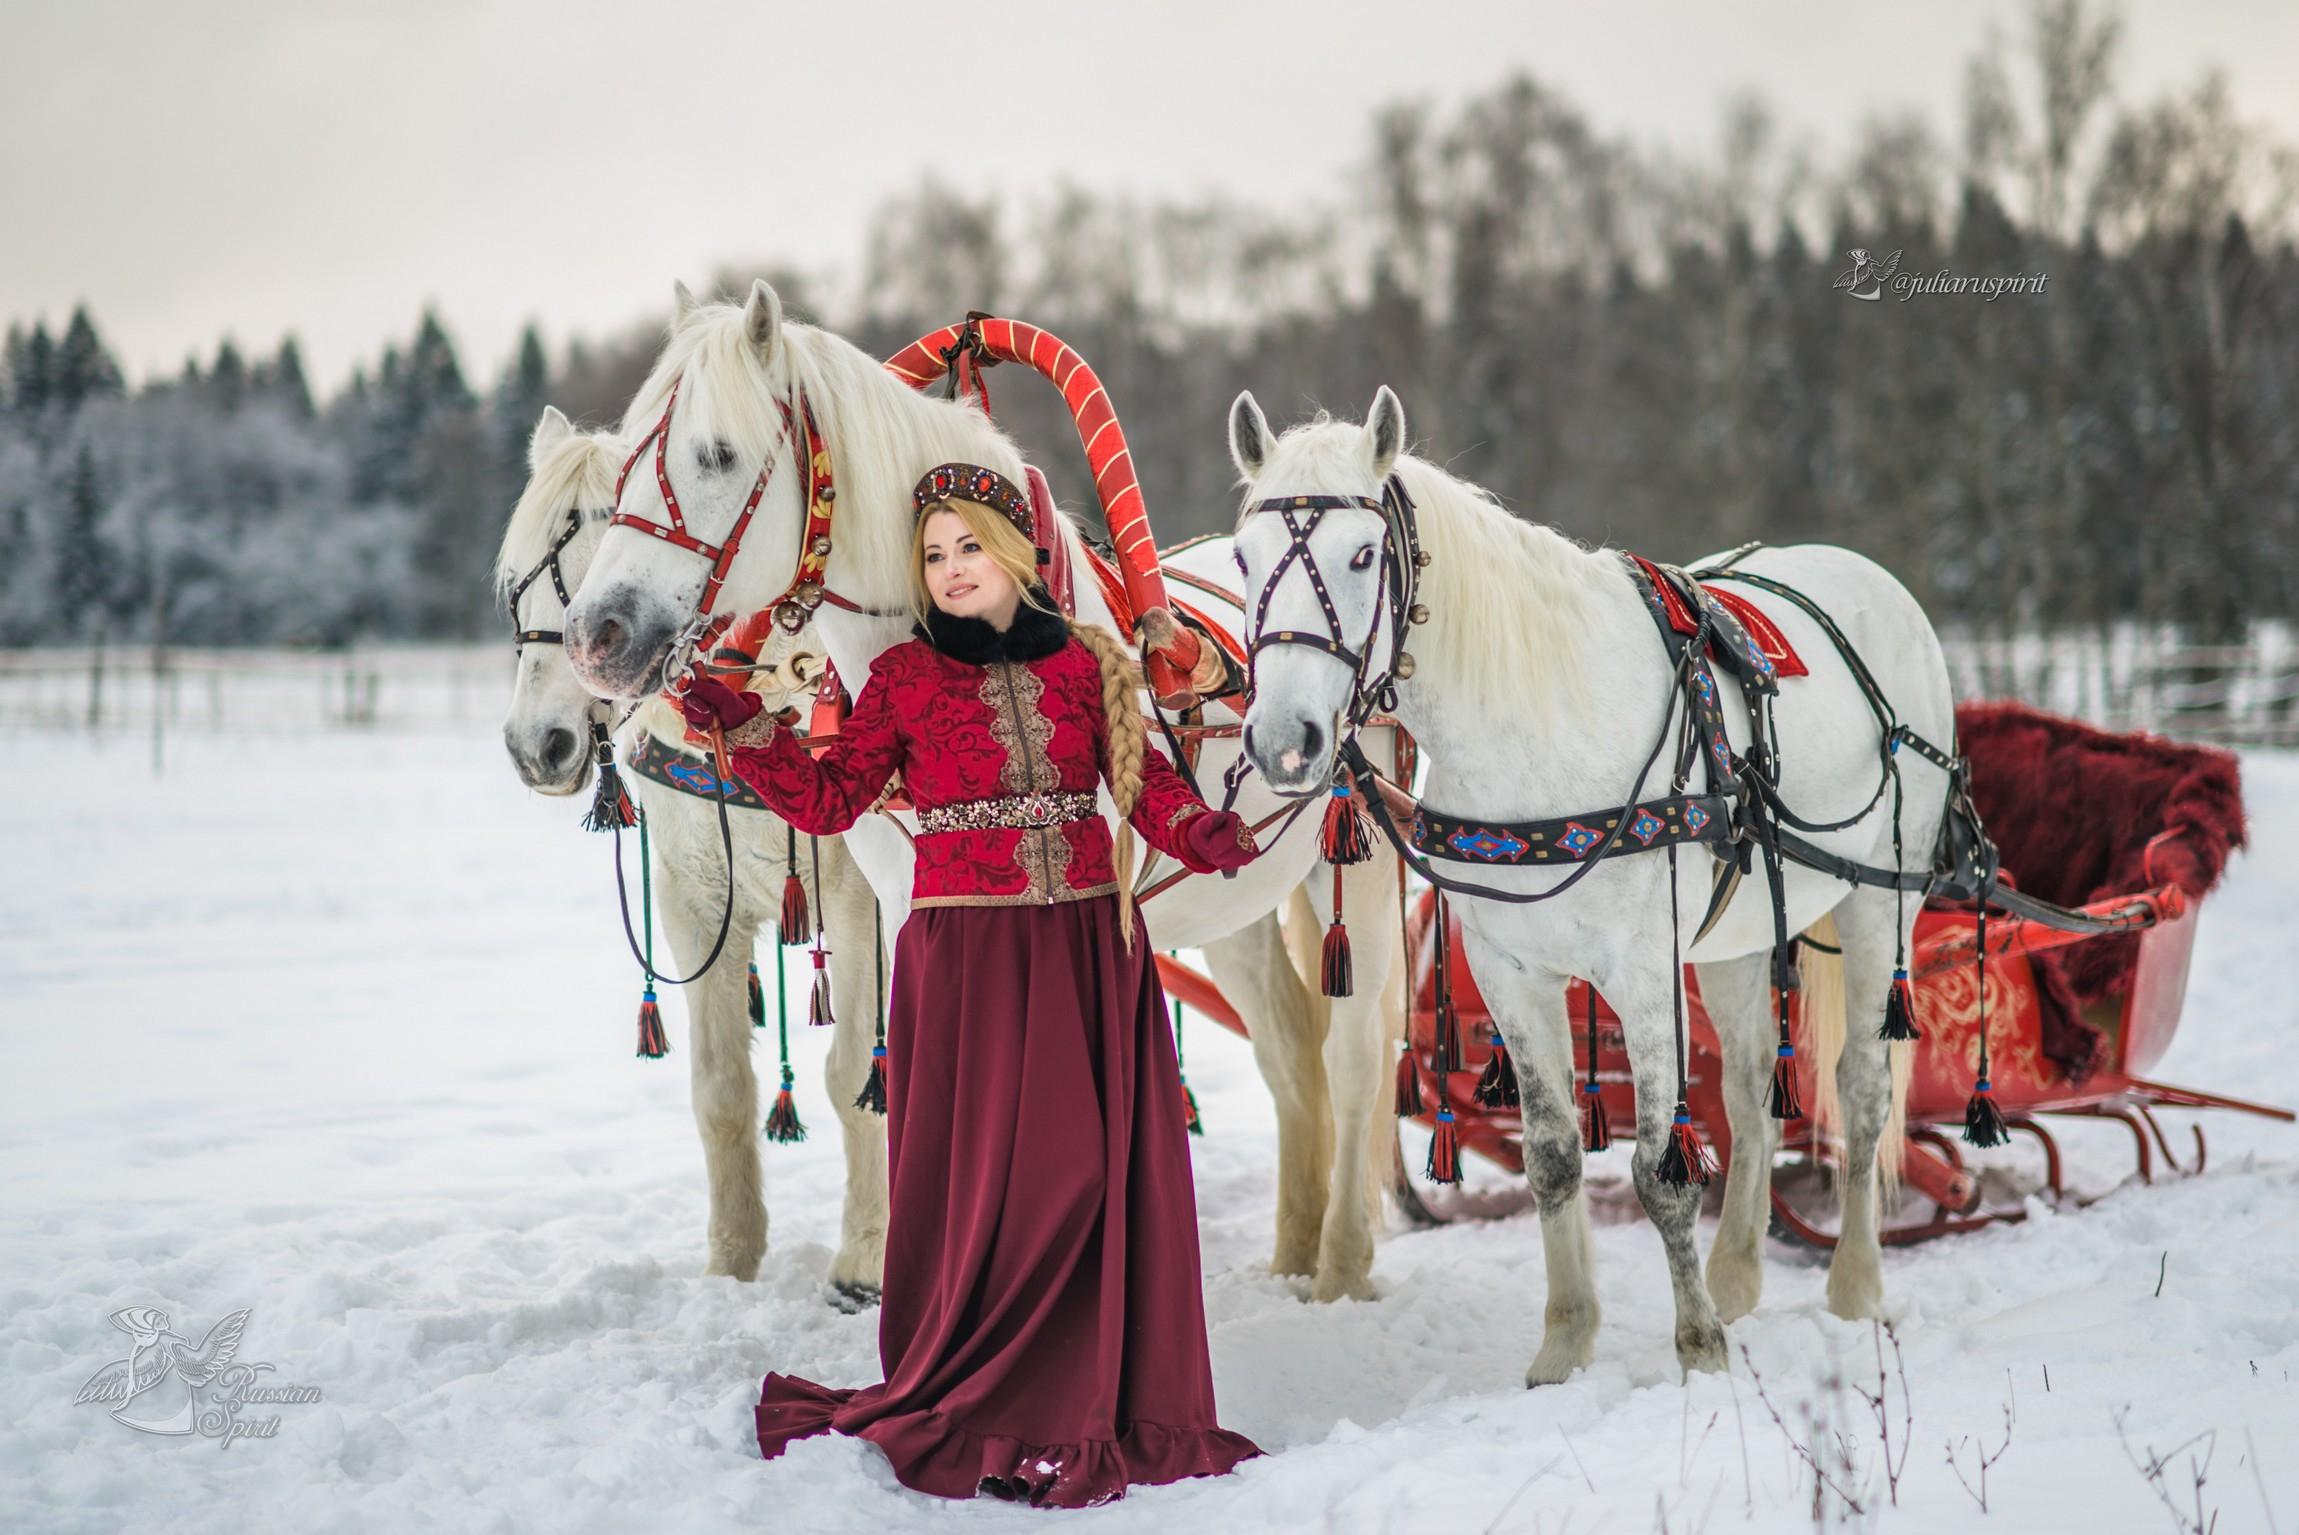 Девушка в русском народном костюме с тройкой лошадей